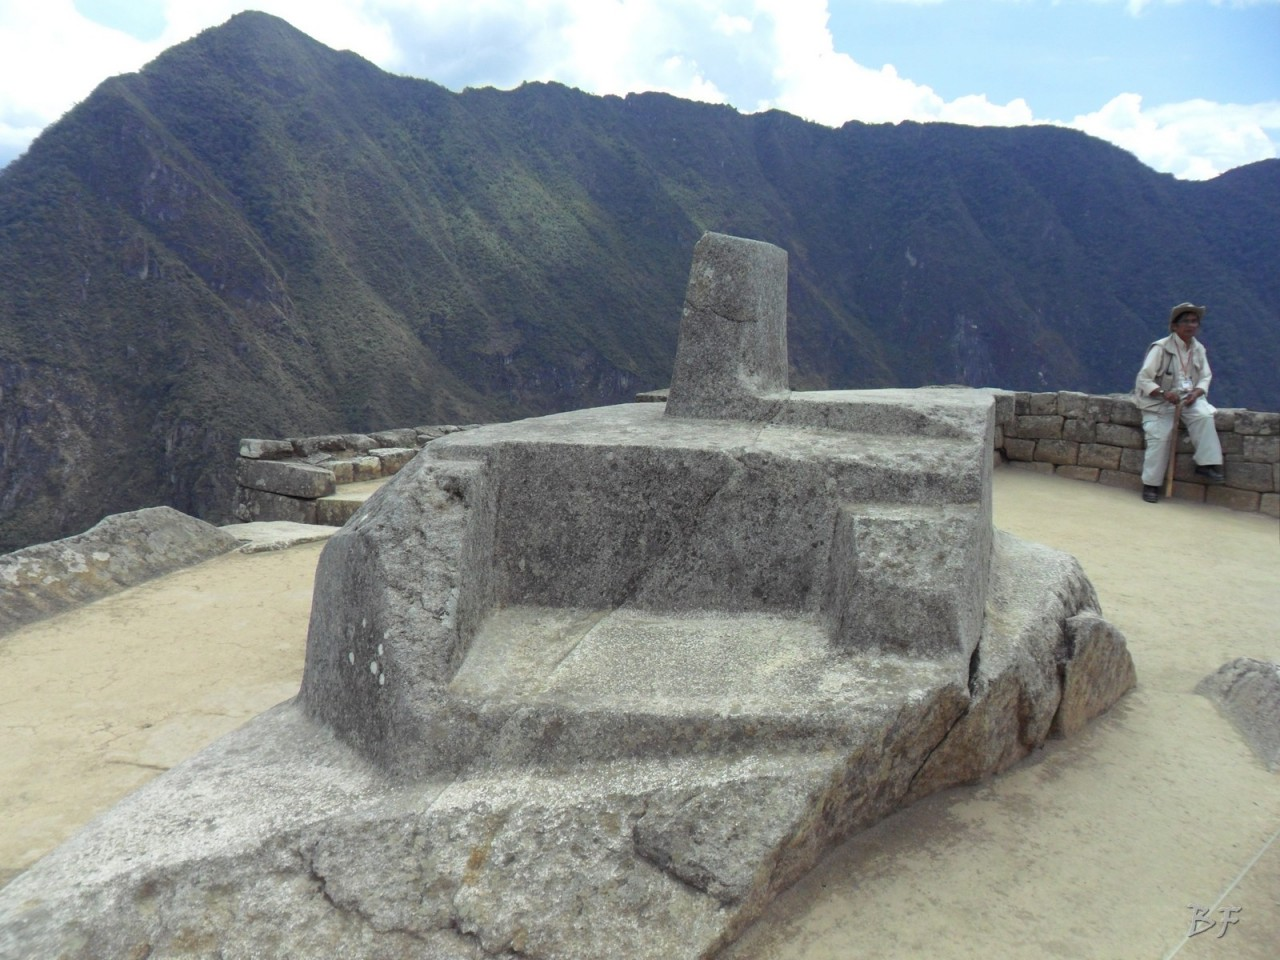 Mura-Poligonali-Incisioni-Altari-Edifici-Rupestri-Megaliti-Machu-Picchu-Aguas-Calientes-Urubamba-Cusco-Perù-120